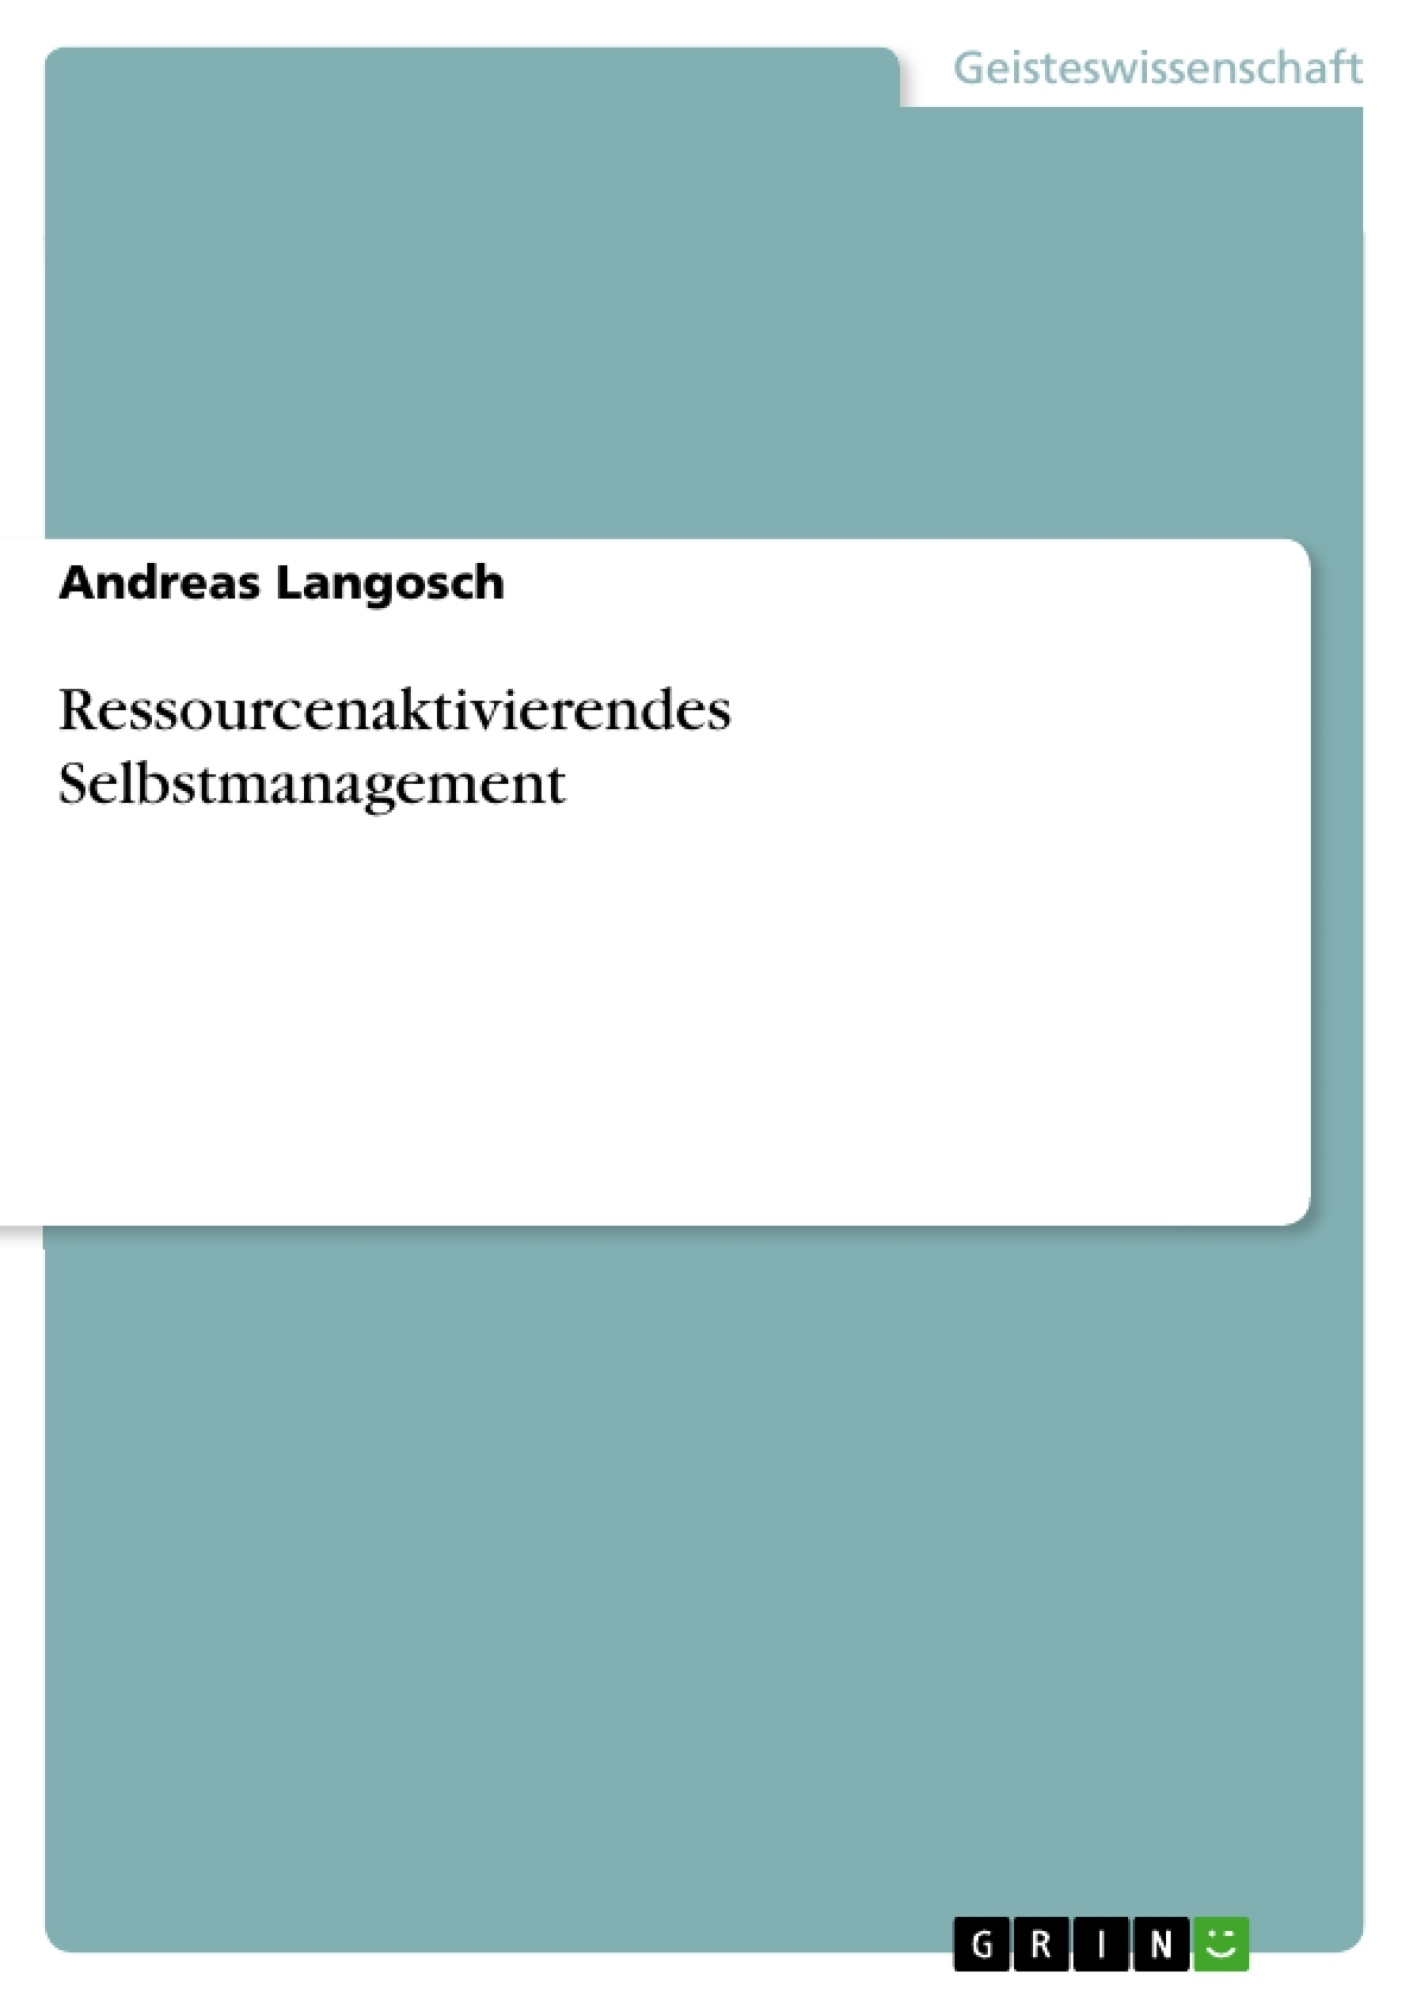 Titel: Ressourcenaktivierendes Selbstmanagement